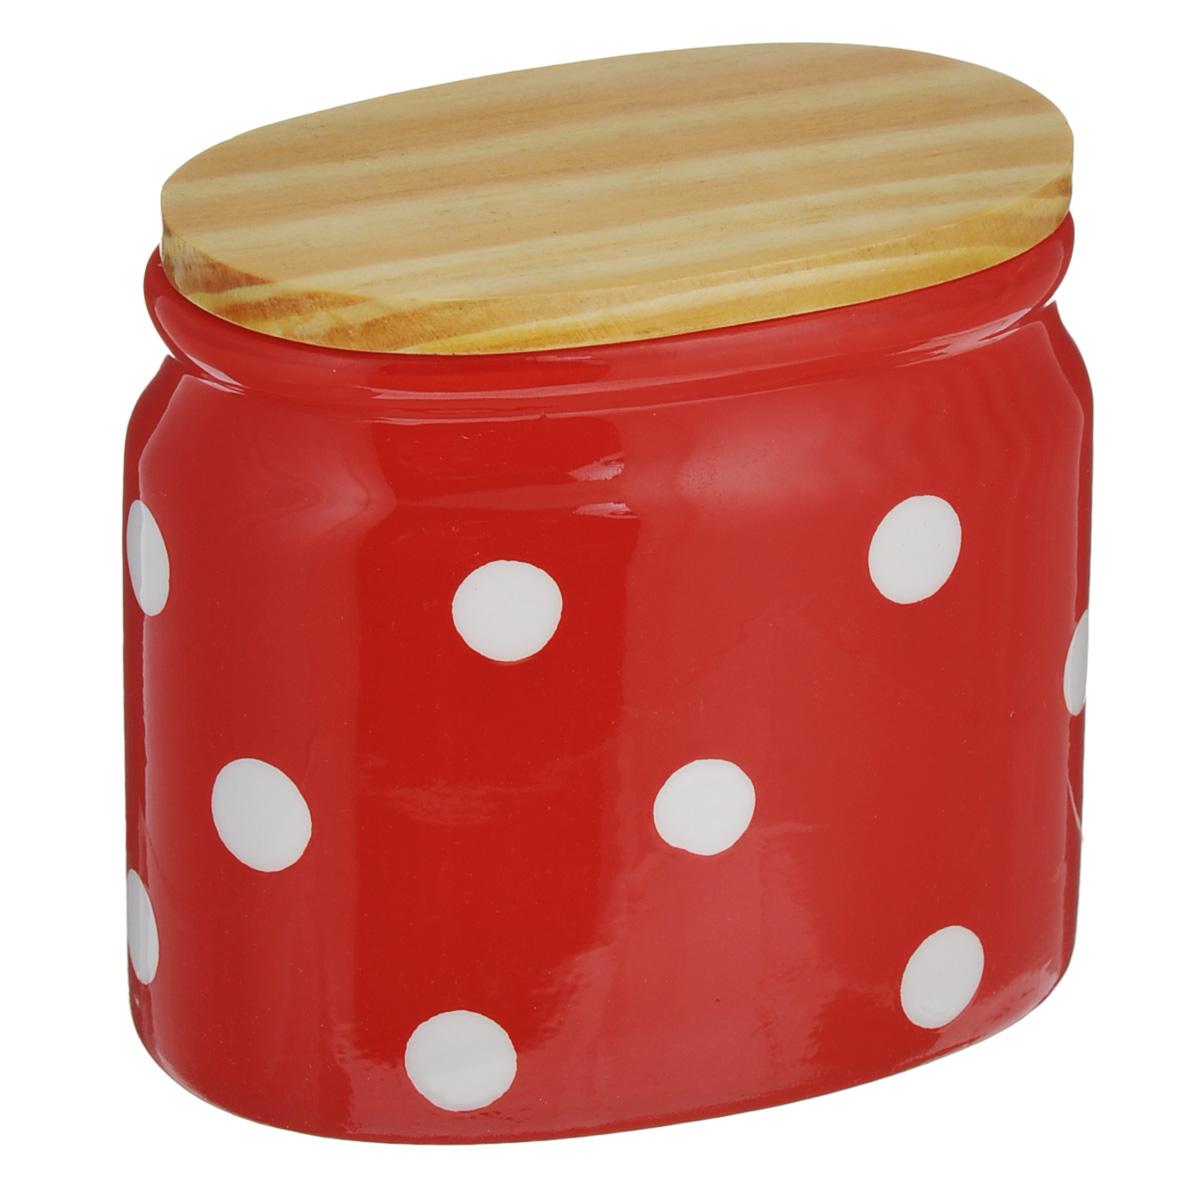 Банка для сыпучих продуктов Lillo, цвет: красный, 430 млYM 8735Банка для сыпучих продуктов Lillo изготовлена из высококачественной керамики. Банка декорирована принтом в горох и оснащена деревянной крышкой. Изделие предназначено для хранения различных сыпучих продуктов: круп, чая, сахара, орехов и многого другого. Функциональная и вместительная, такая банка станет незаменимым аксессуаром на любой кухне. Можно мыть в посудомоечной машине. Деревянную крышку рекомендуется мыть вручную. Объем: 430 мл.Размер банки (по верхнему краю): 11 см х 6,5 см.Высота банки (без учета крышки): 10 см.